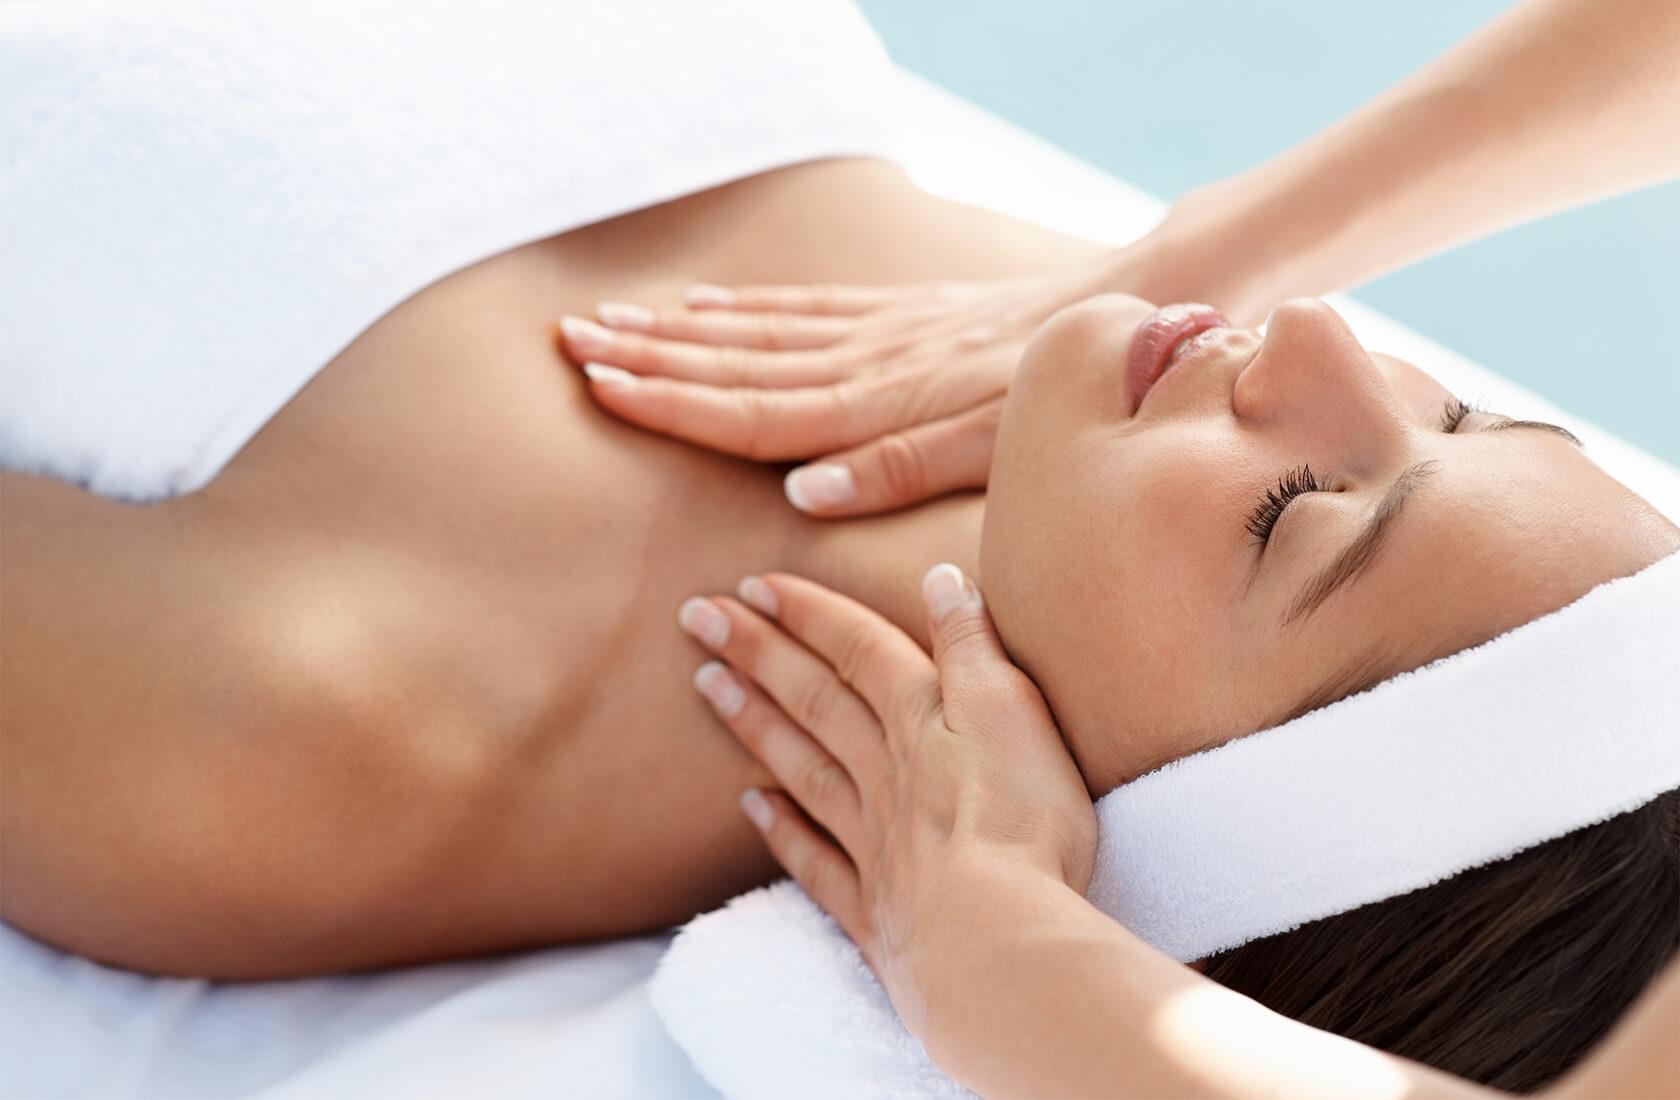 Massagen, Peelings und Verwöhnrituale von unserem Wellnessteam - Hotel Via Salina SPA